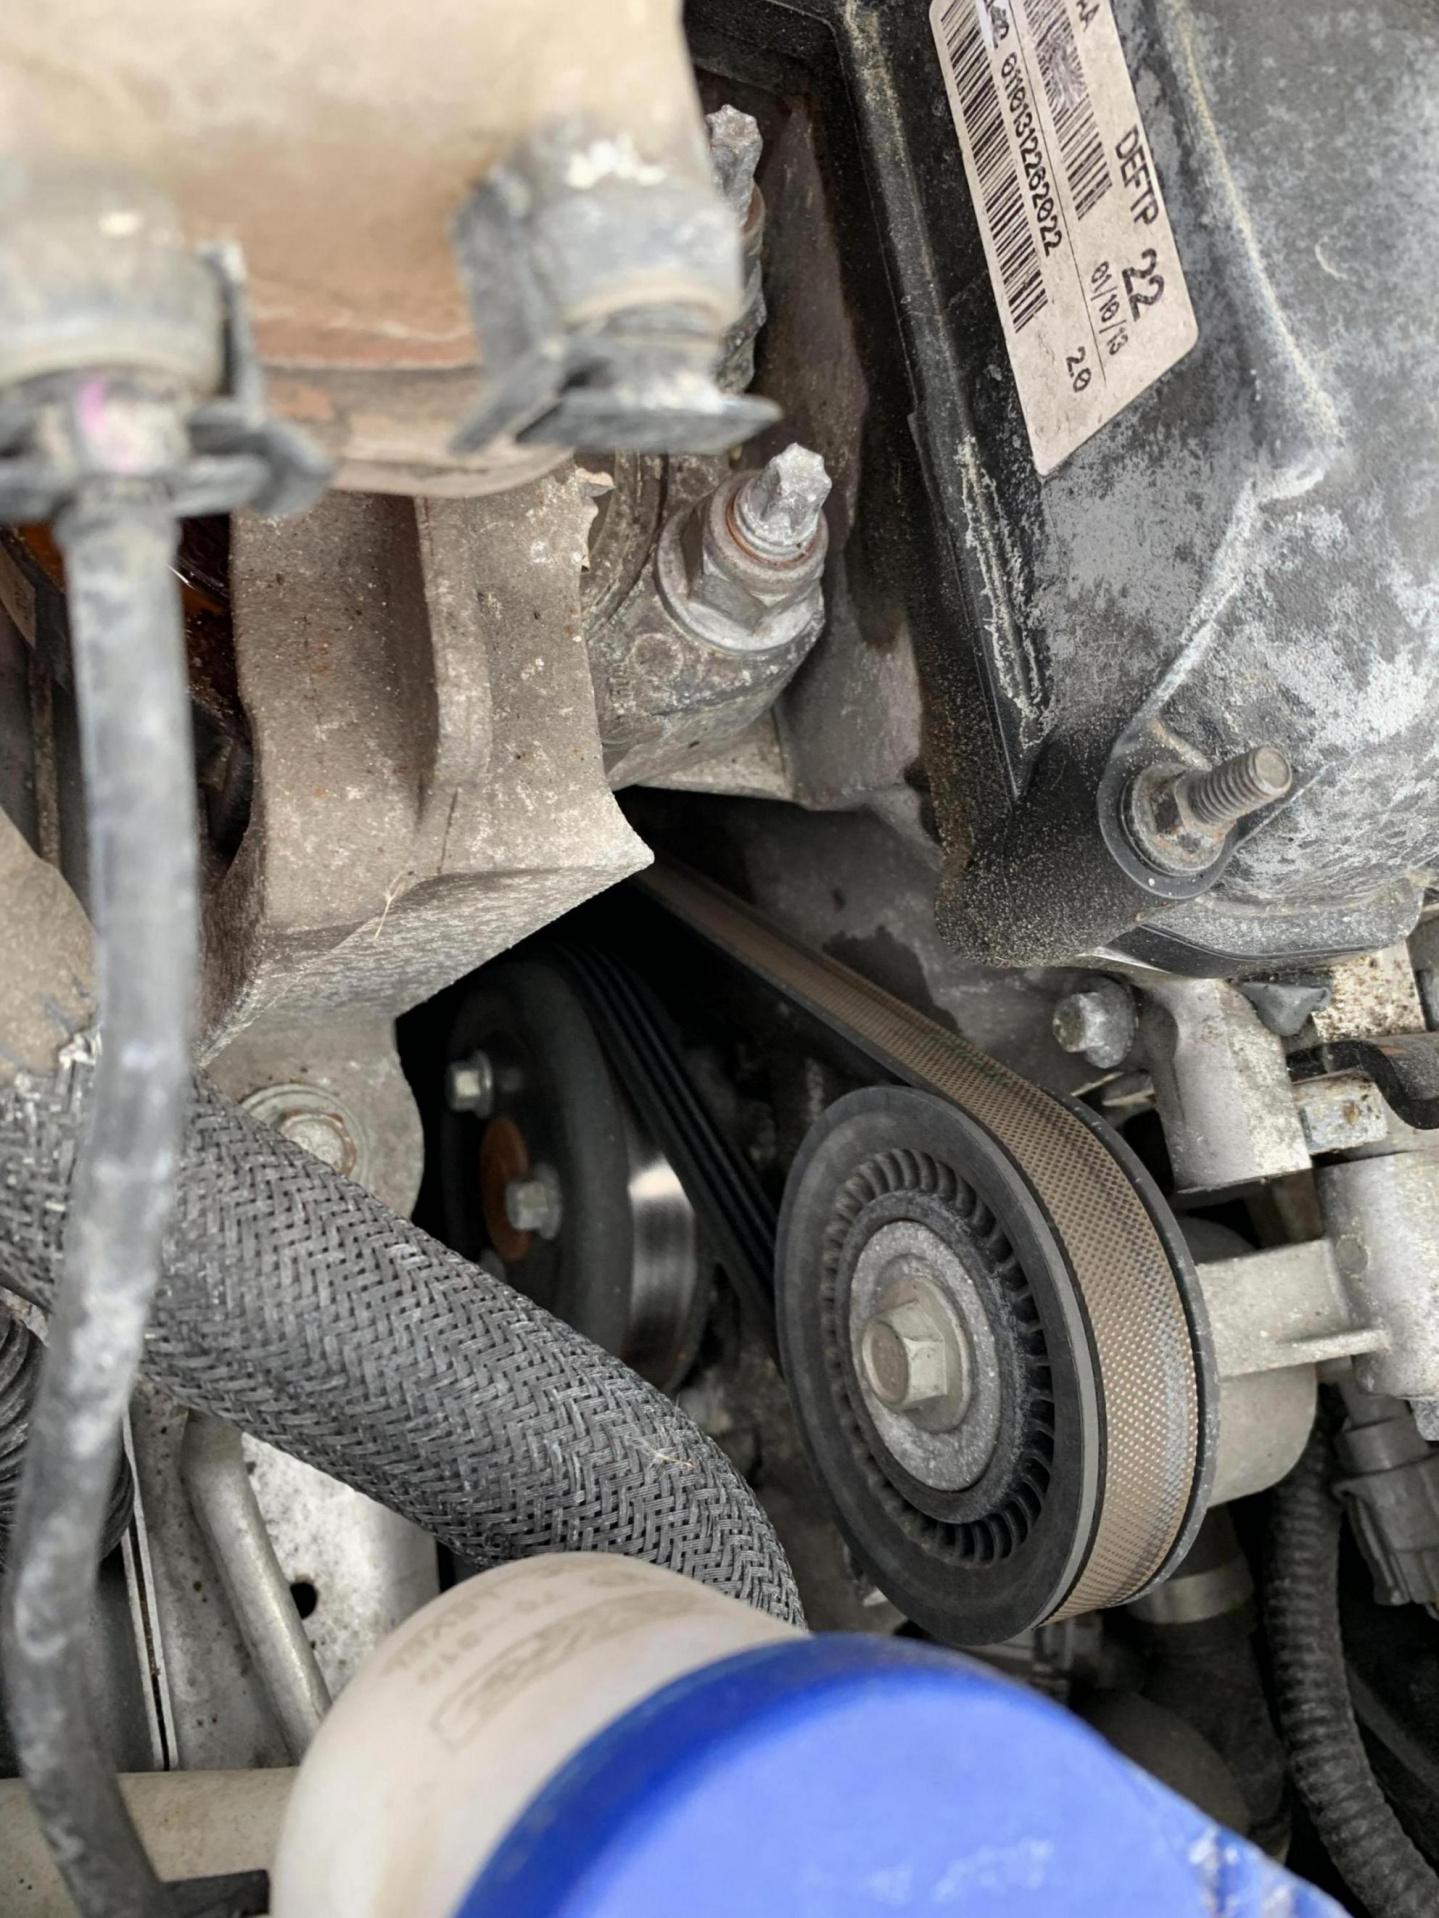 Headgasket leak-bf18523b-fe0c-4312-a148-6629dd13e559_1554501107311.jpg